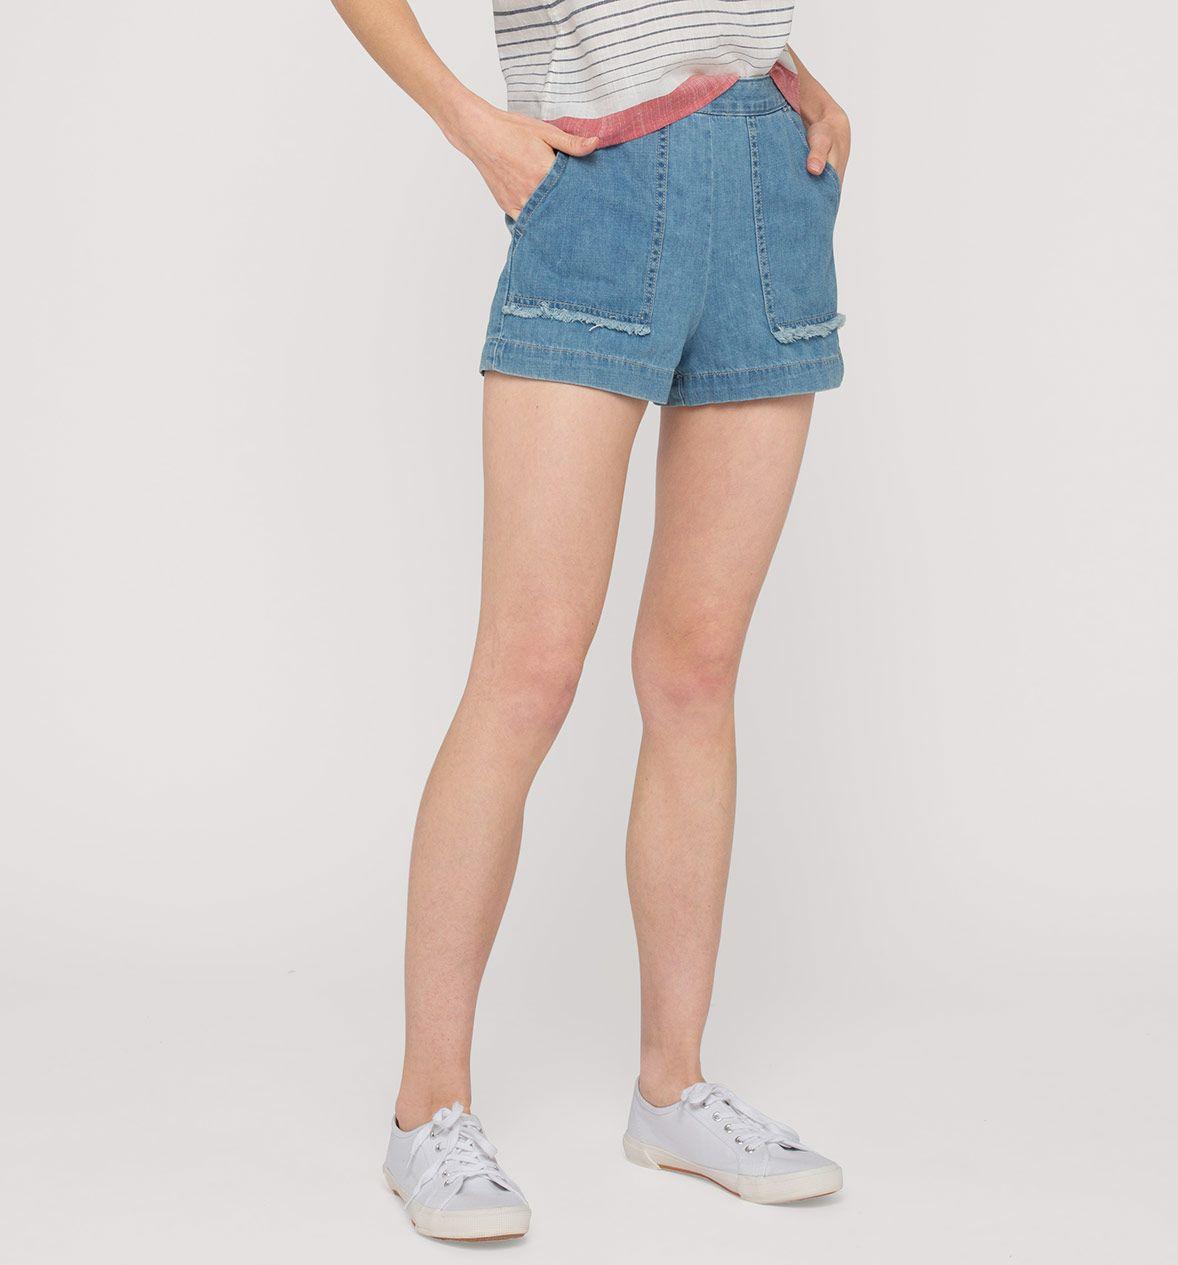 Szorty Dzinsowe Z Fredzlami Z Dzialu Clockhouse Kolor Dzins Jasnoniebieski Niskie Ceny W Sklepie C A On Line Womens Shorts Fashion Denim Shorts